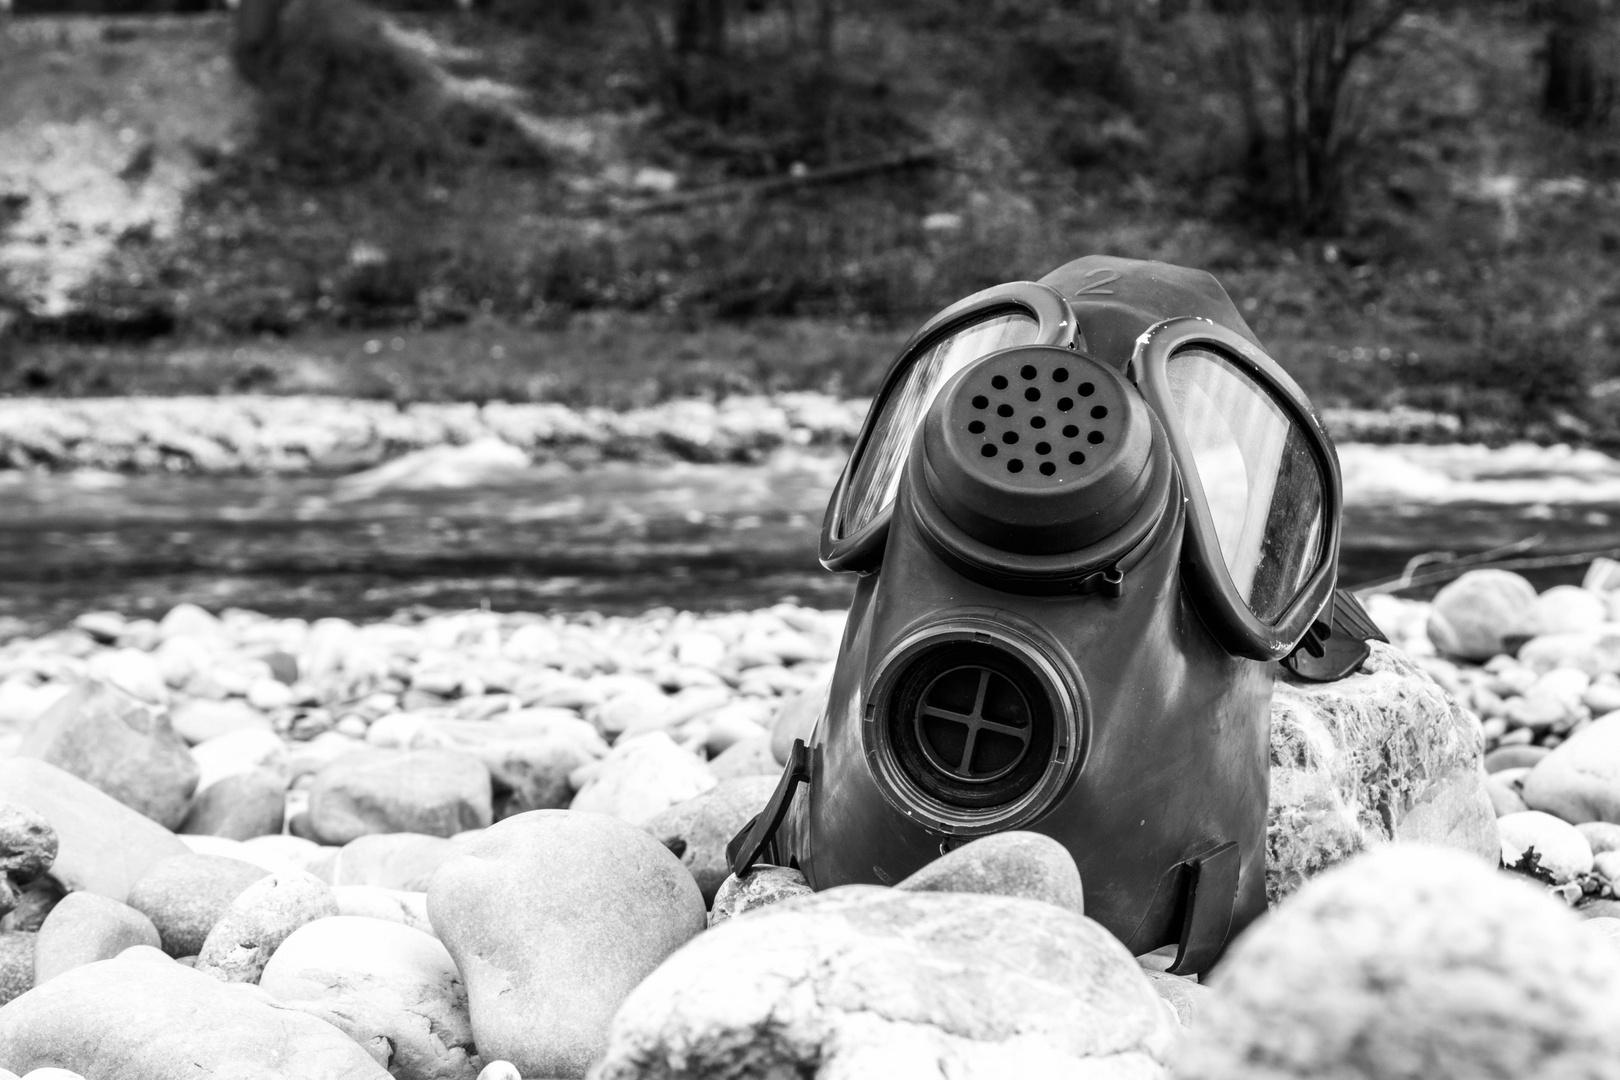 Gasmaske an Flussbett